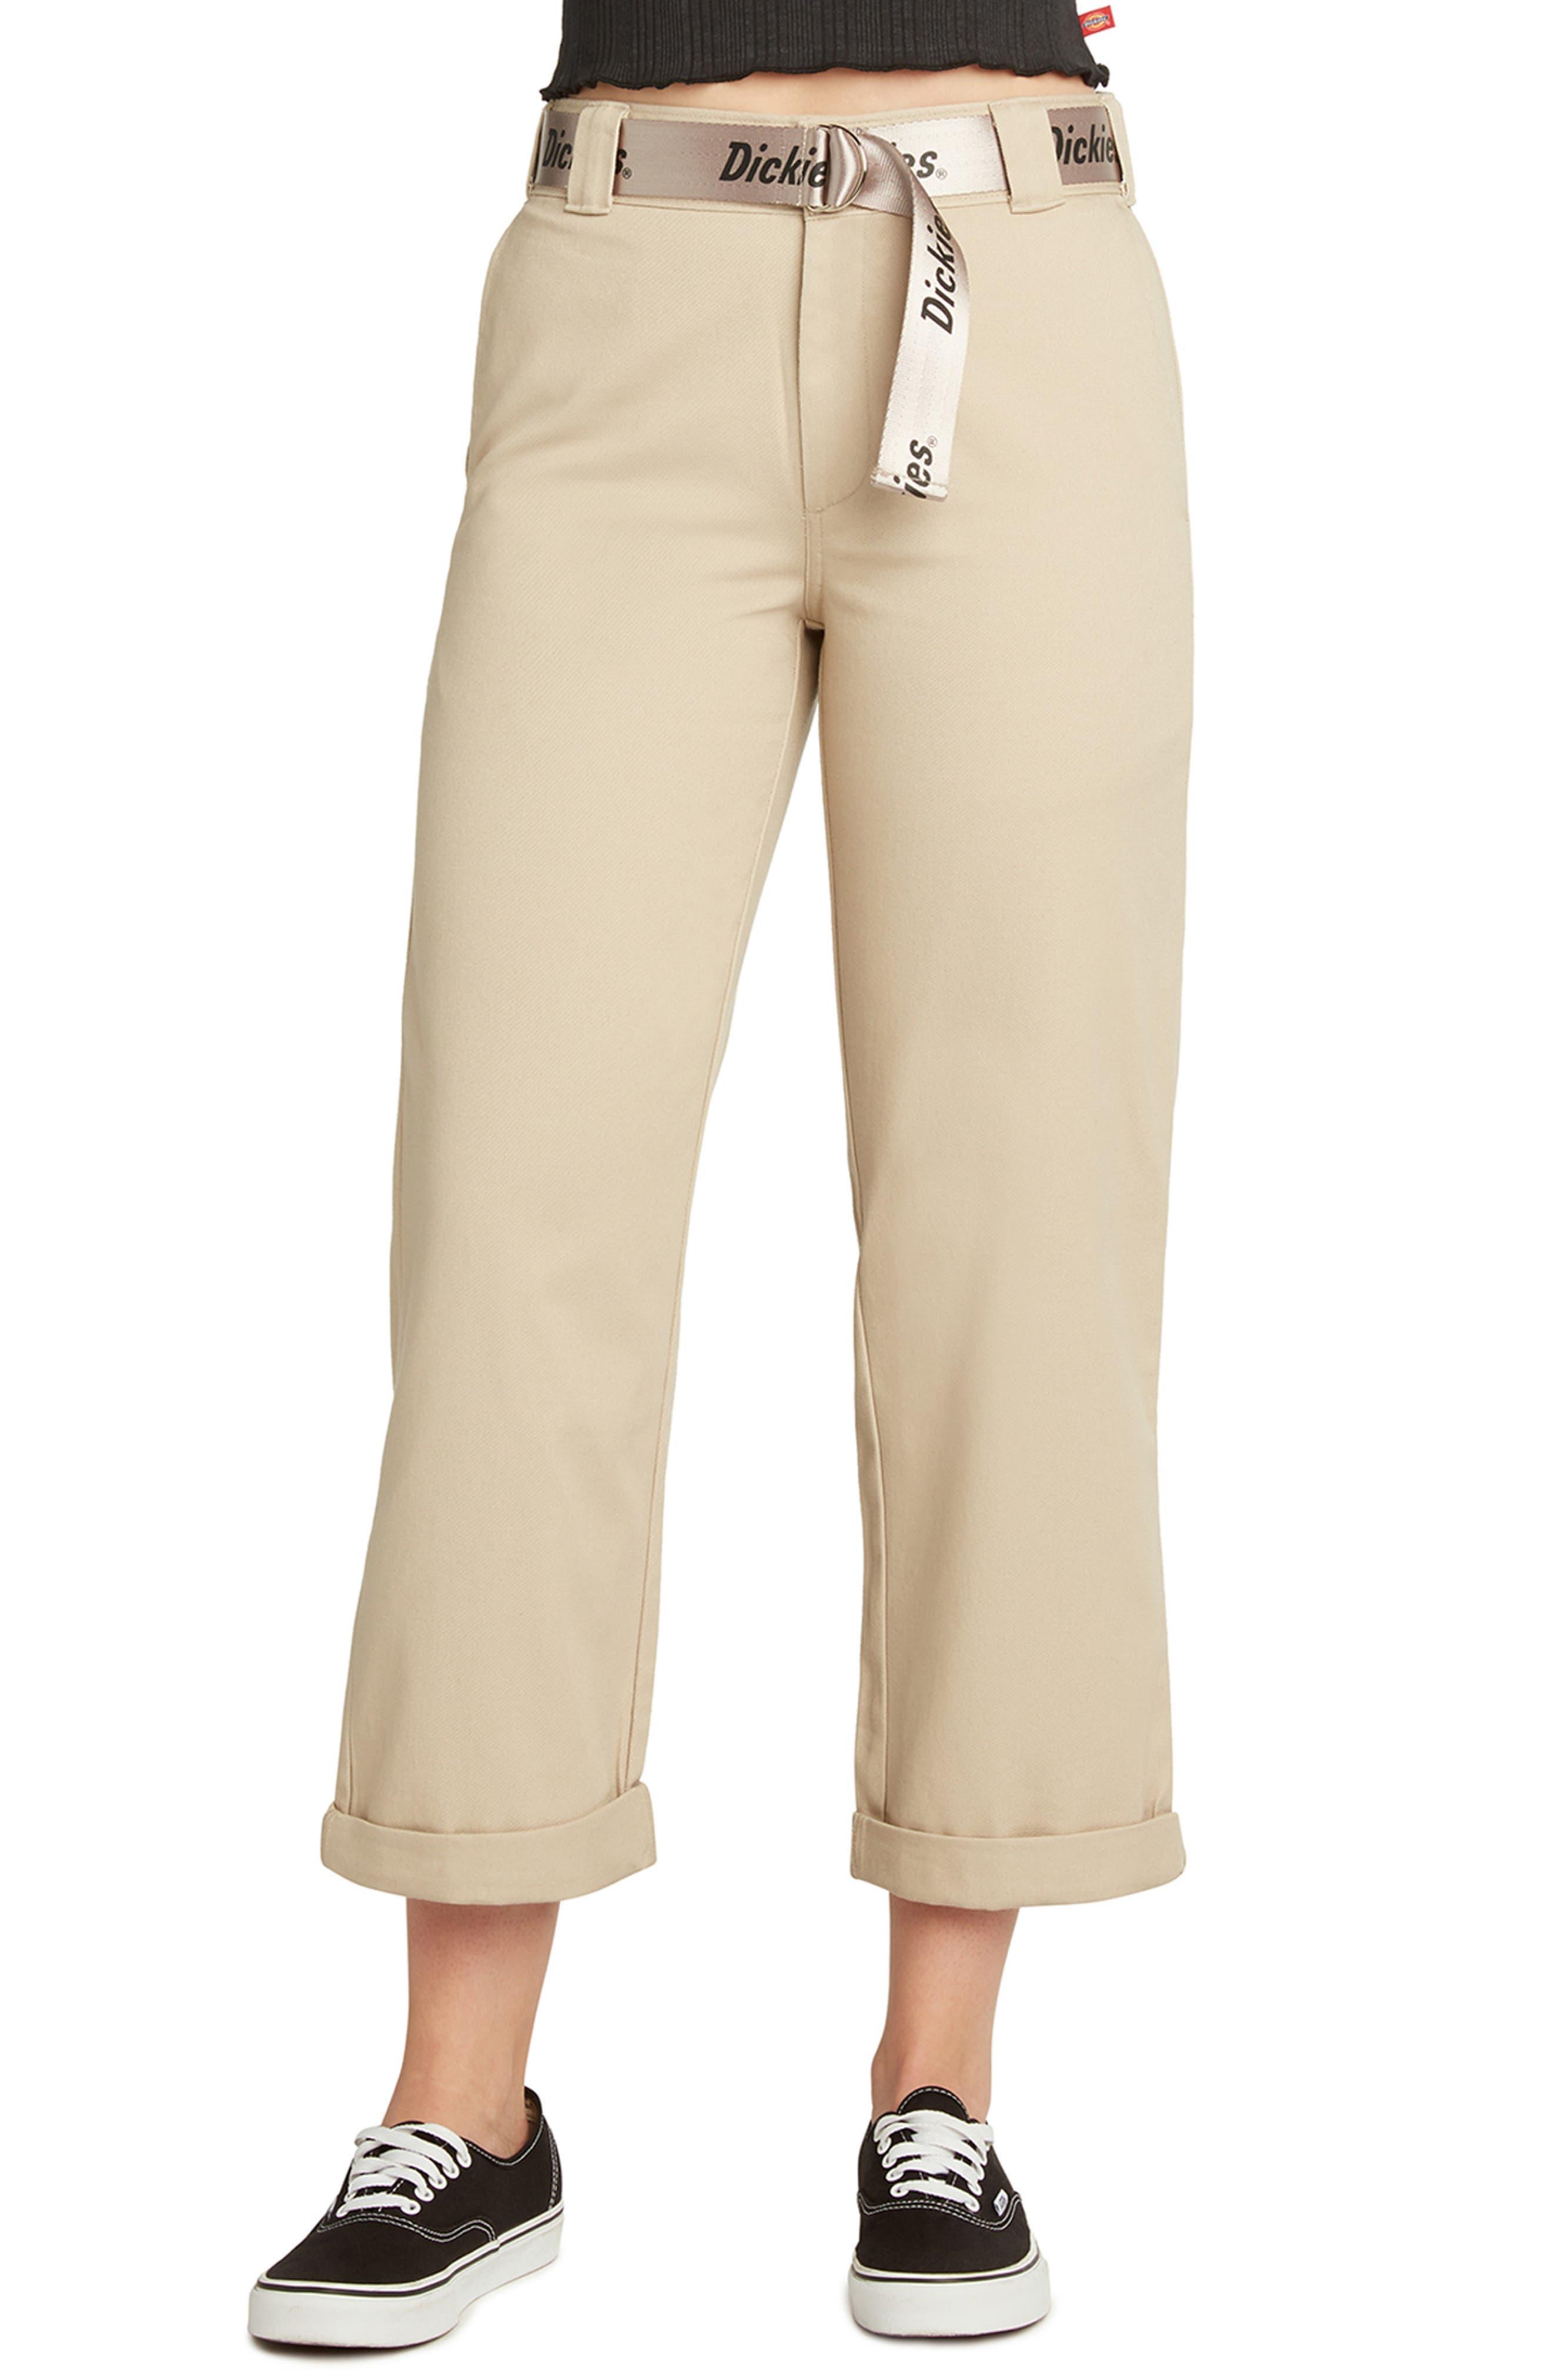 Belted High Waist Roll Cuff Crop Pants